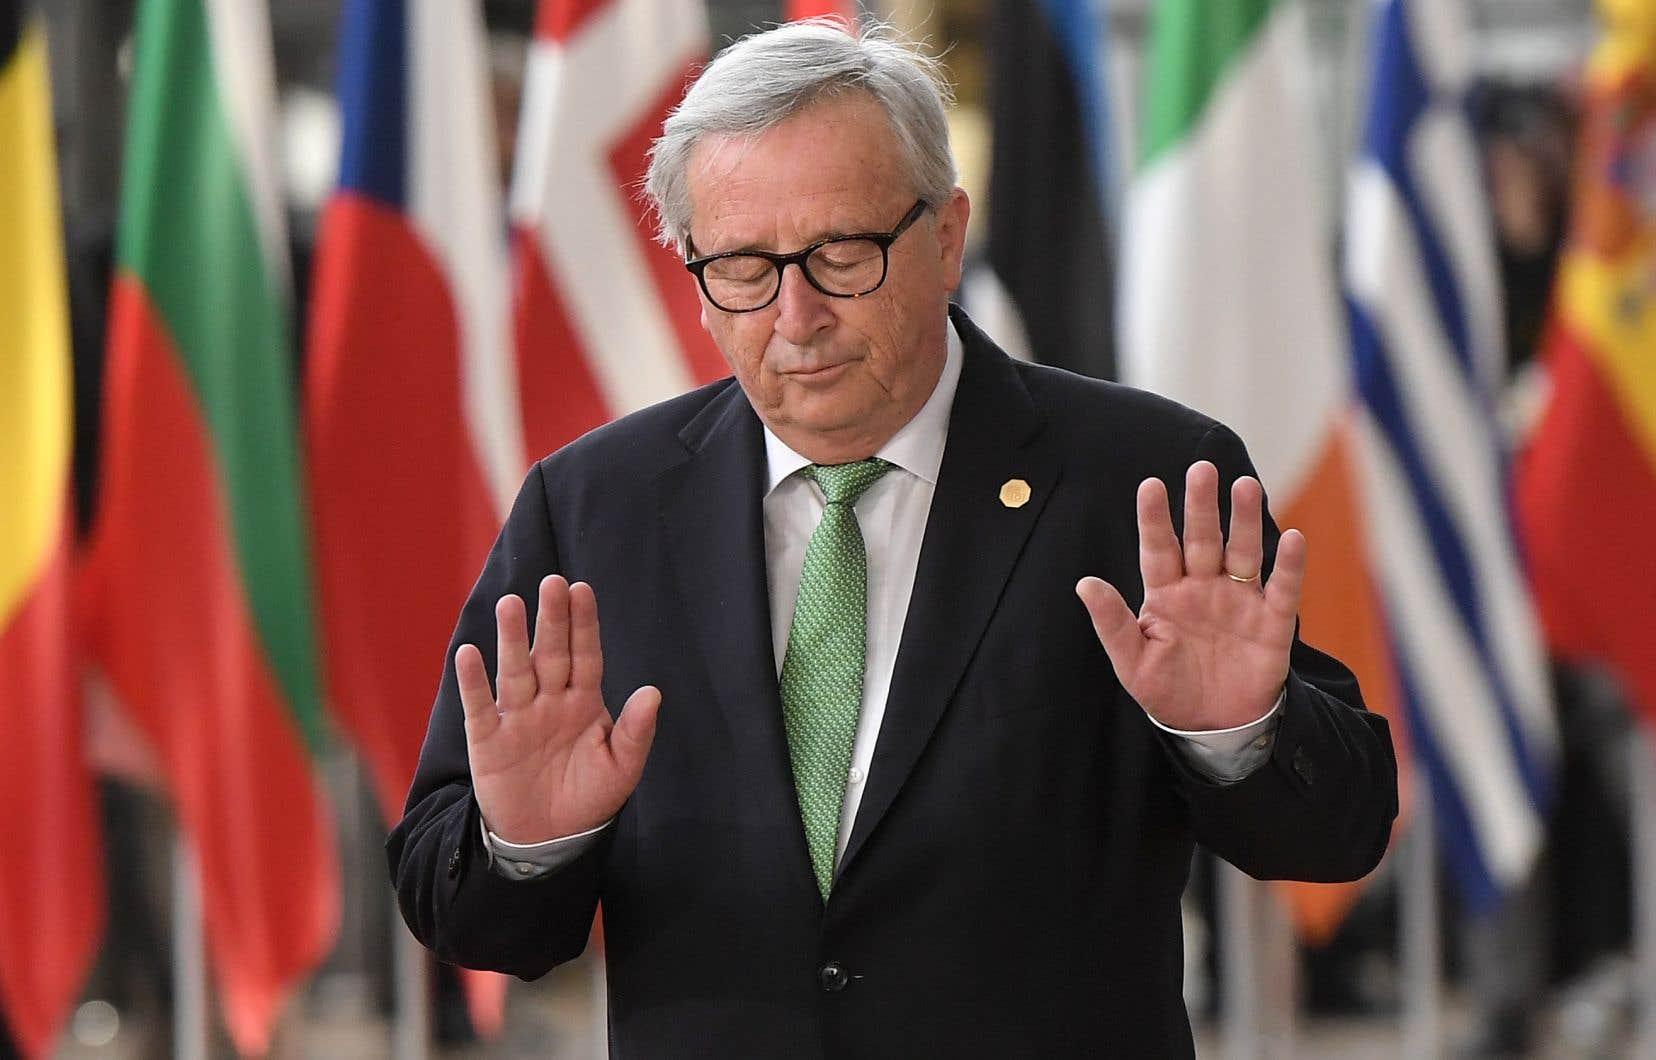 Le chef de l'exécutif bruxellois, l'ancien premier ministre luxembourgeois Jean-Claude Juncker était le «Spitzenkandidat»du PPE en 2014.